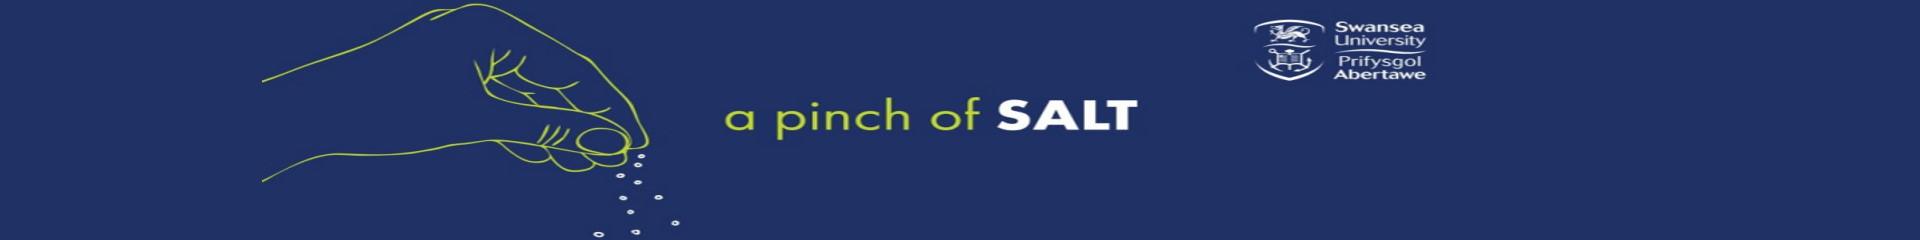 SALT Podcast  A Pinch of SALT